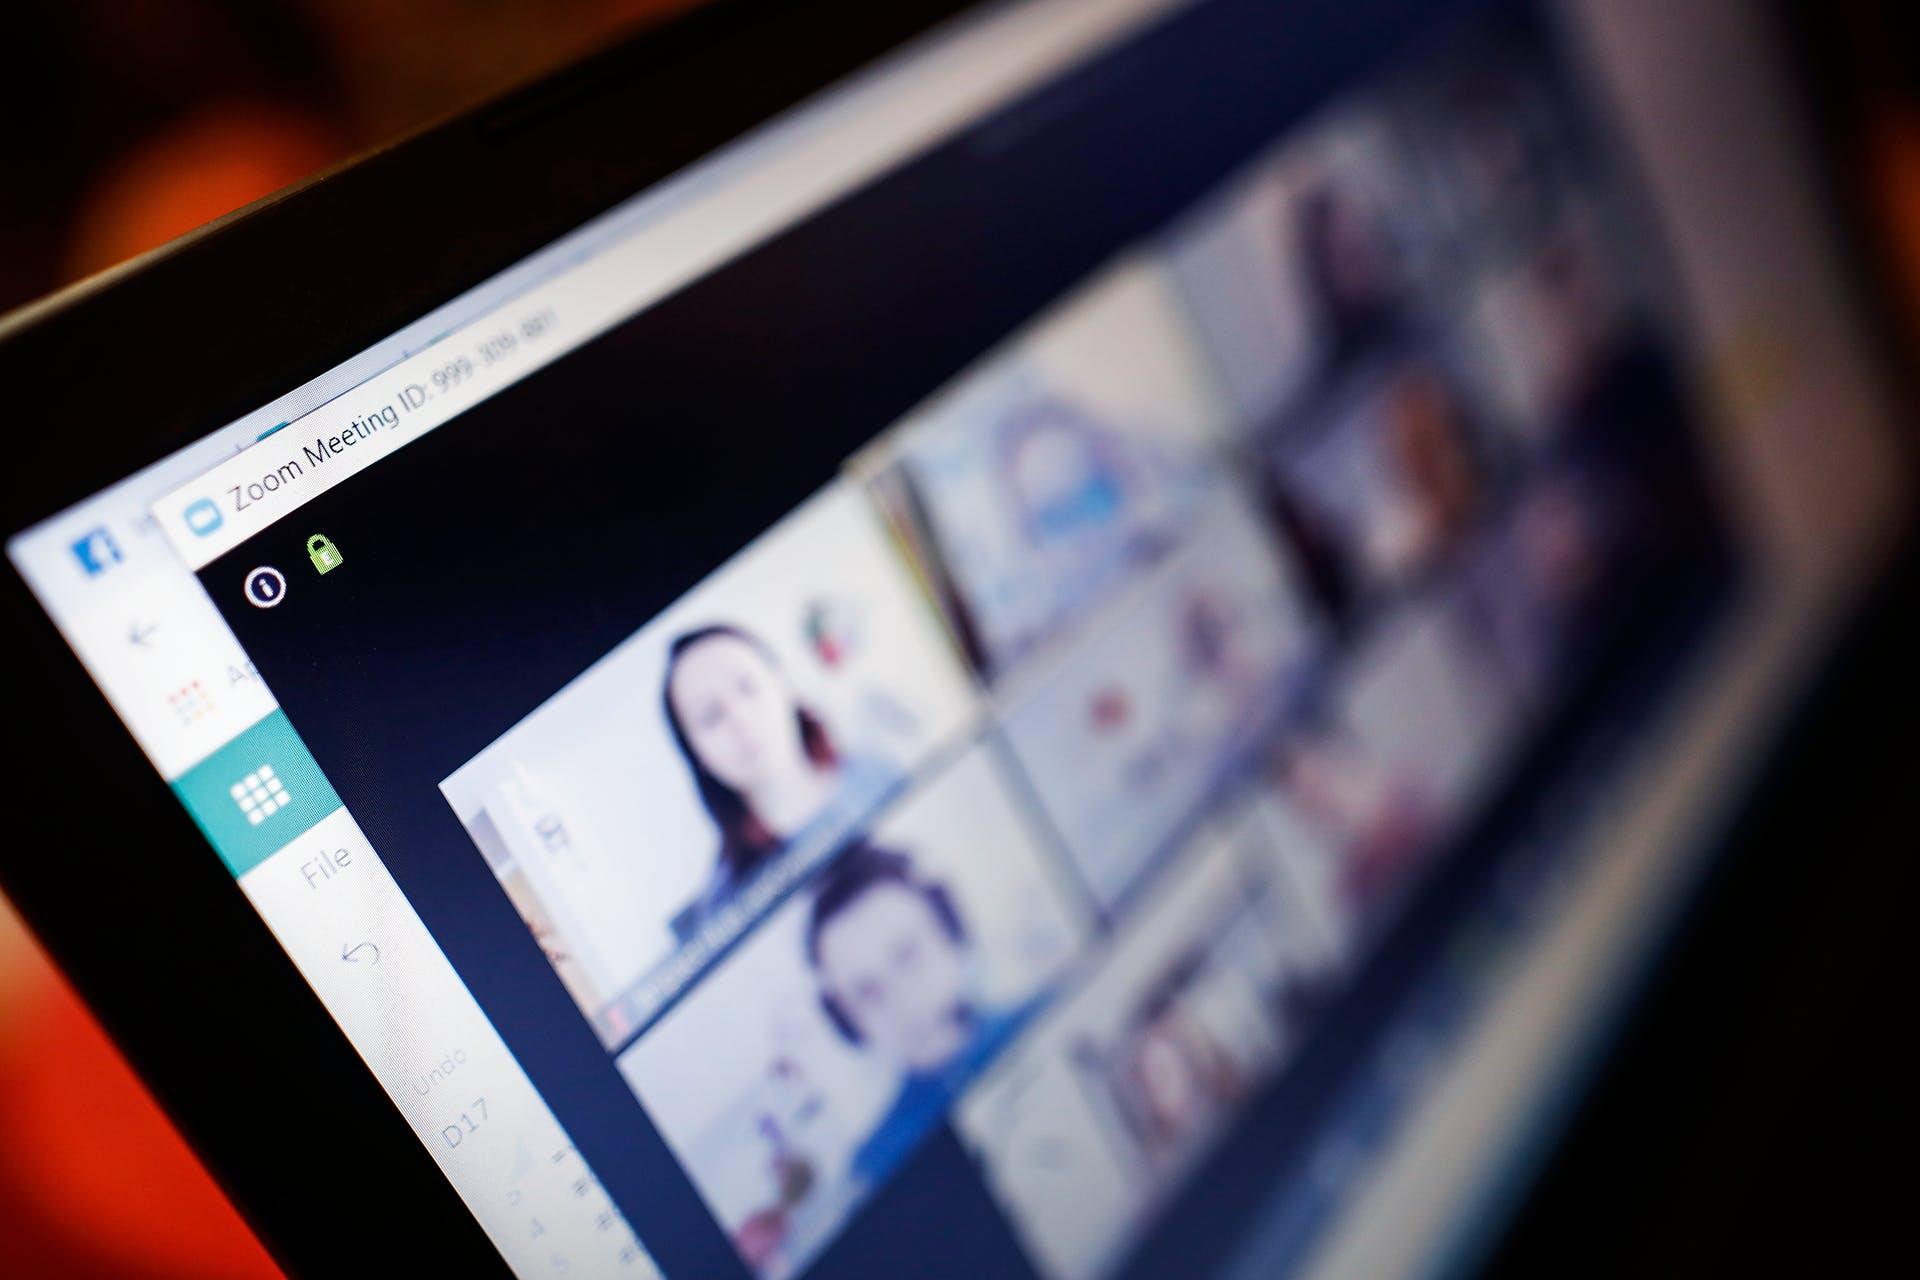 Man sieht einen Laptop von schräg oben fotografiert, auf dem ein Zoom Video Call läuft. Dieses Bild dient als Illustration unseres Beitrags zum Thema Event Marketing Strategien und Best Practices.